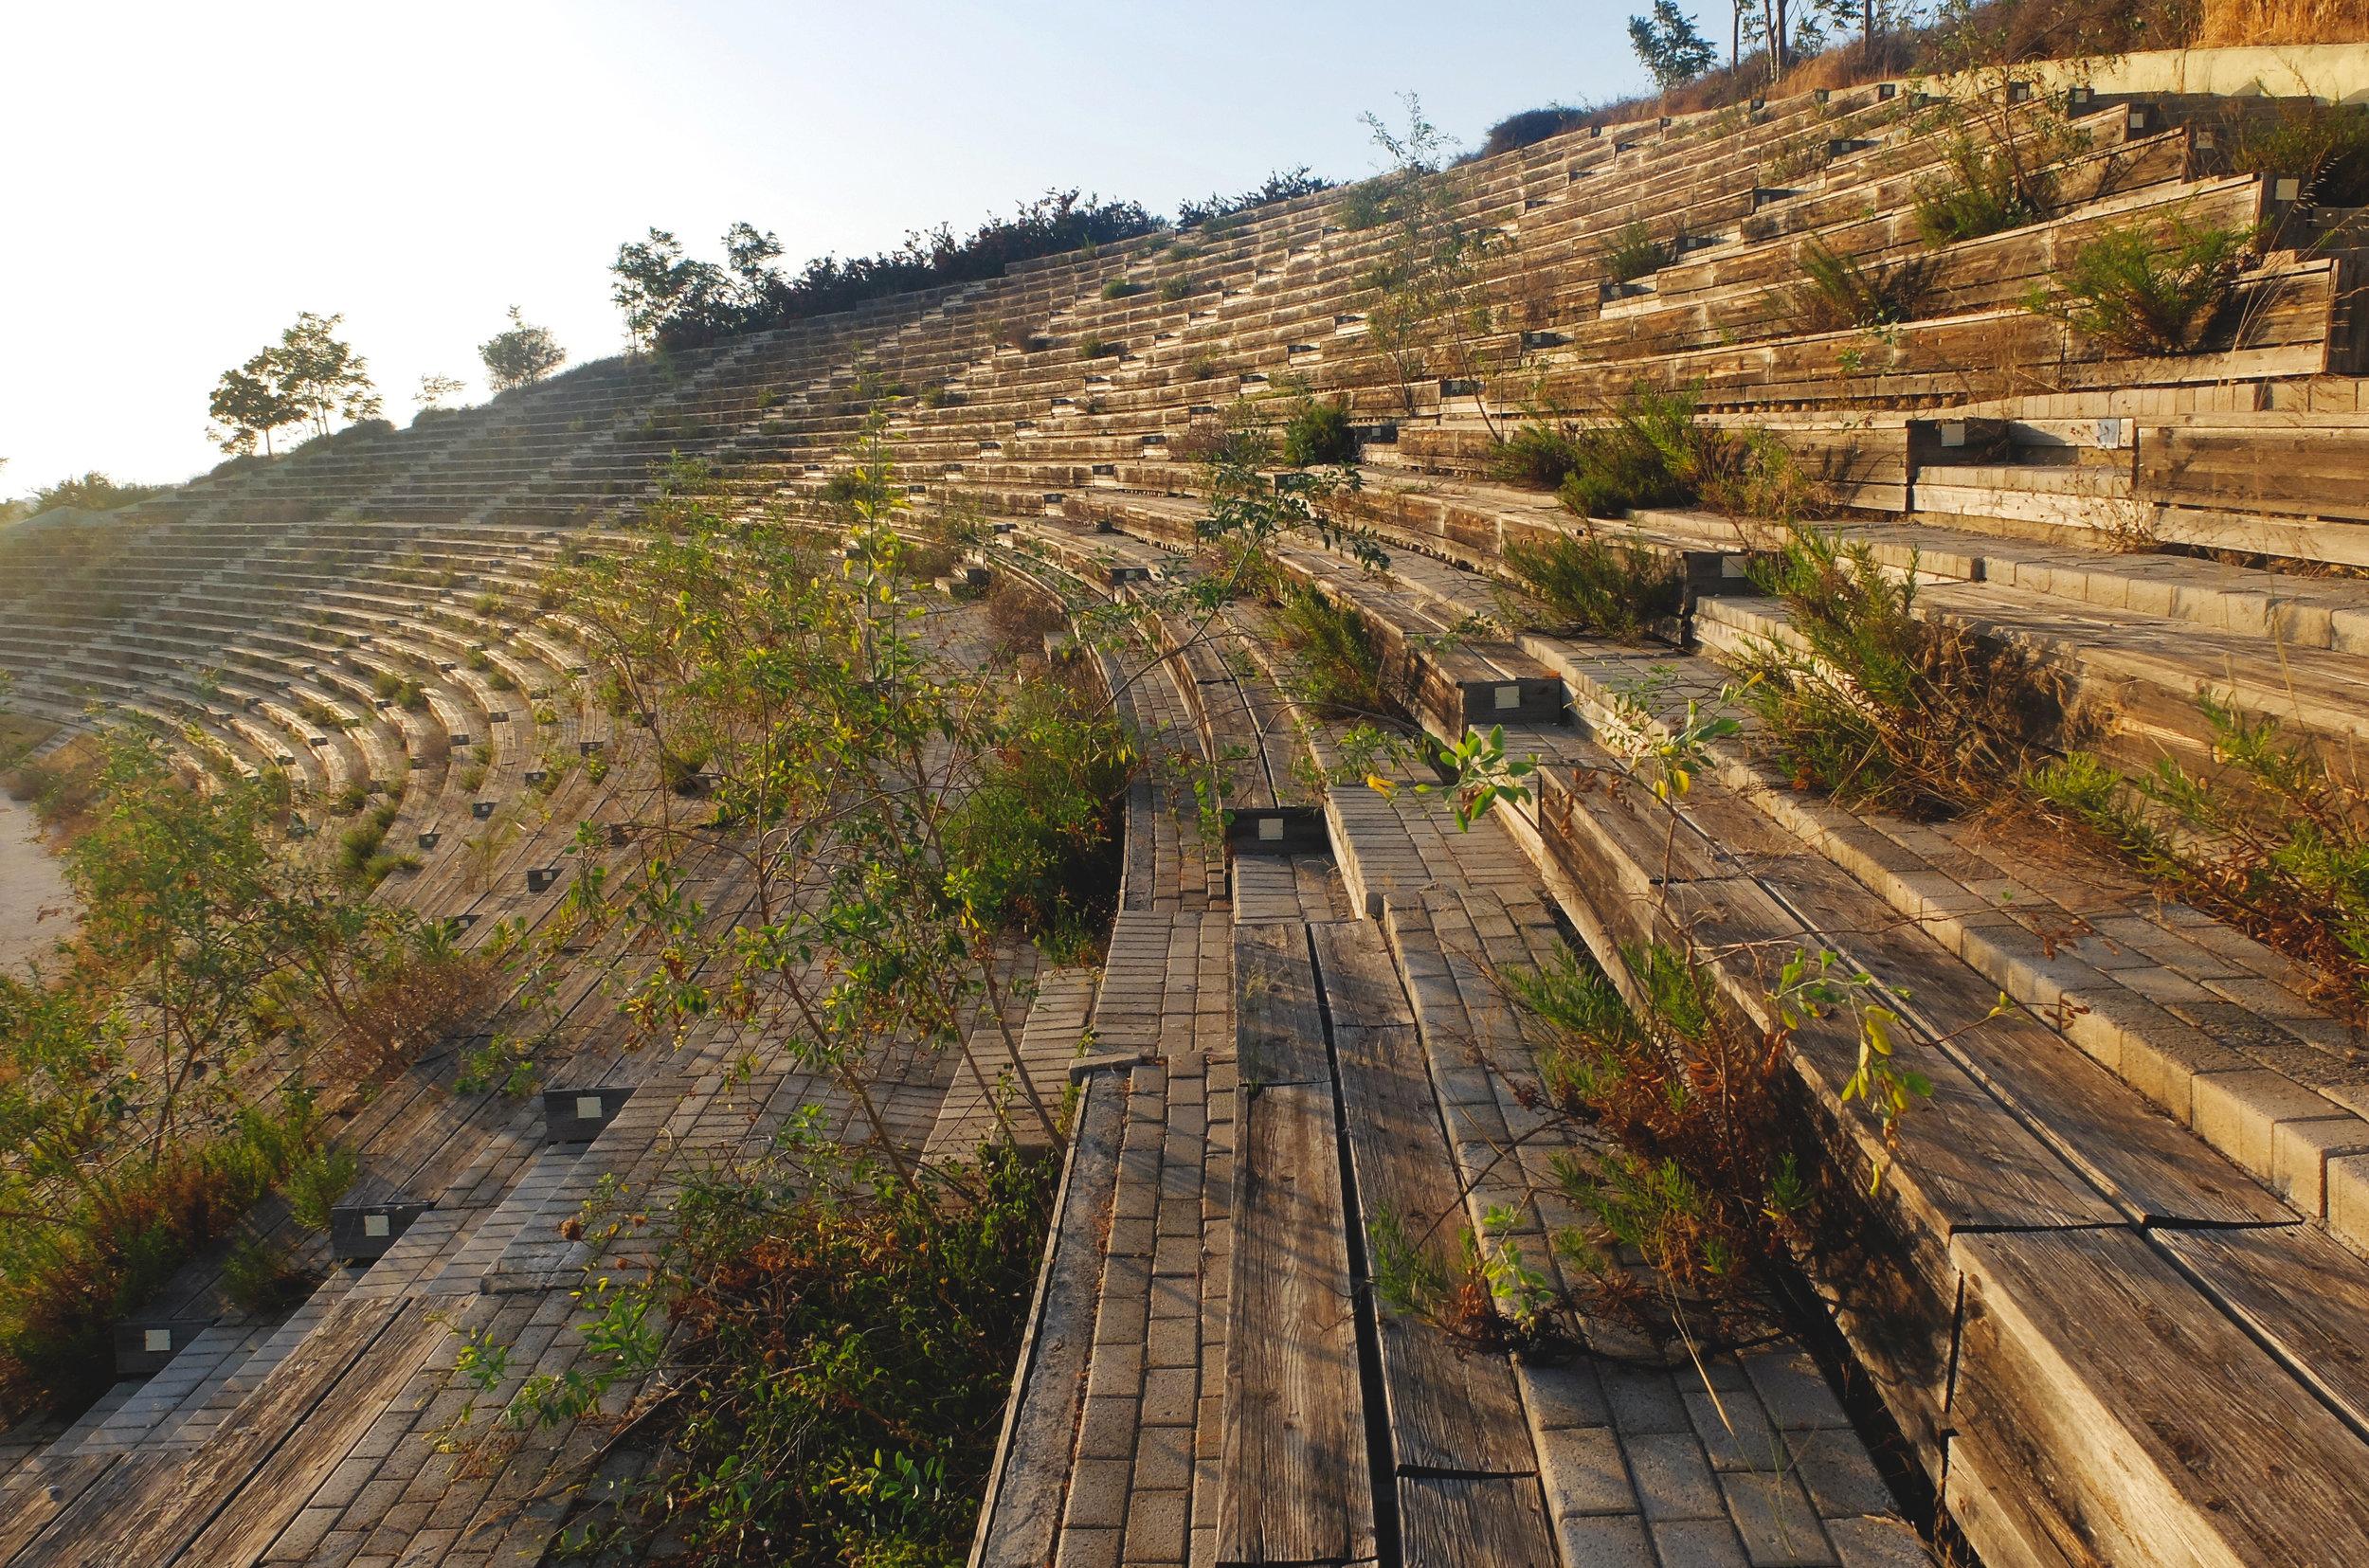 Athens Olympics 2004, Photo by Ioanna Sakellaraki